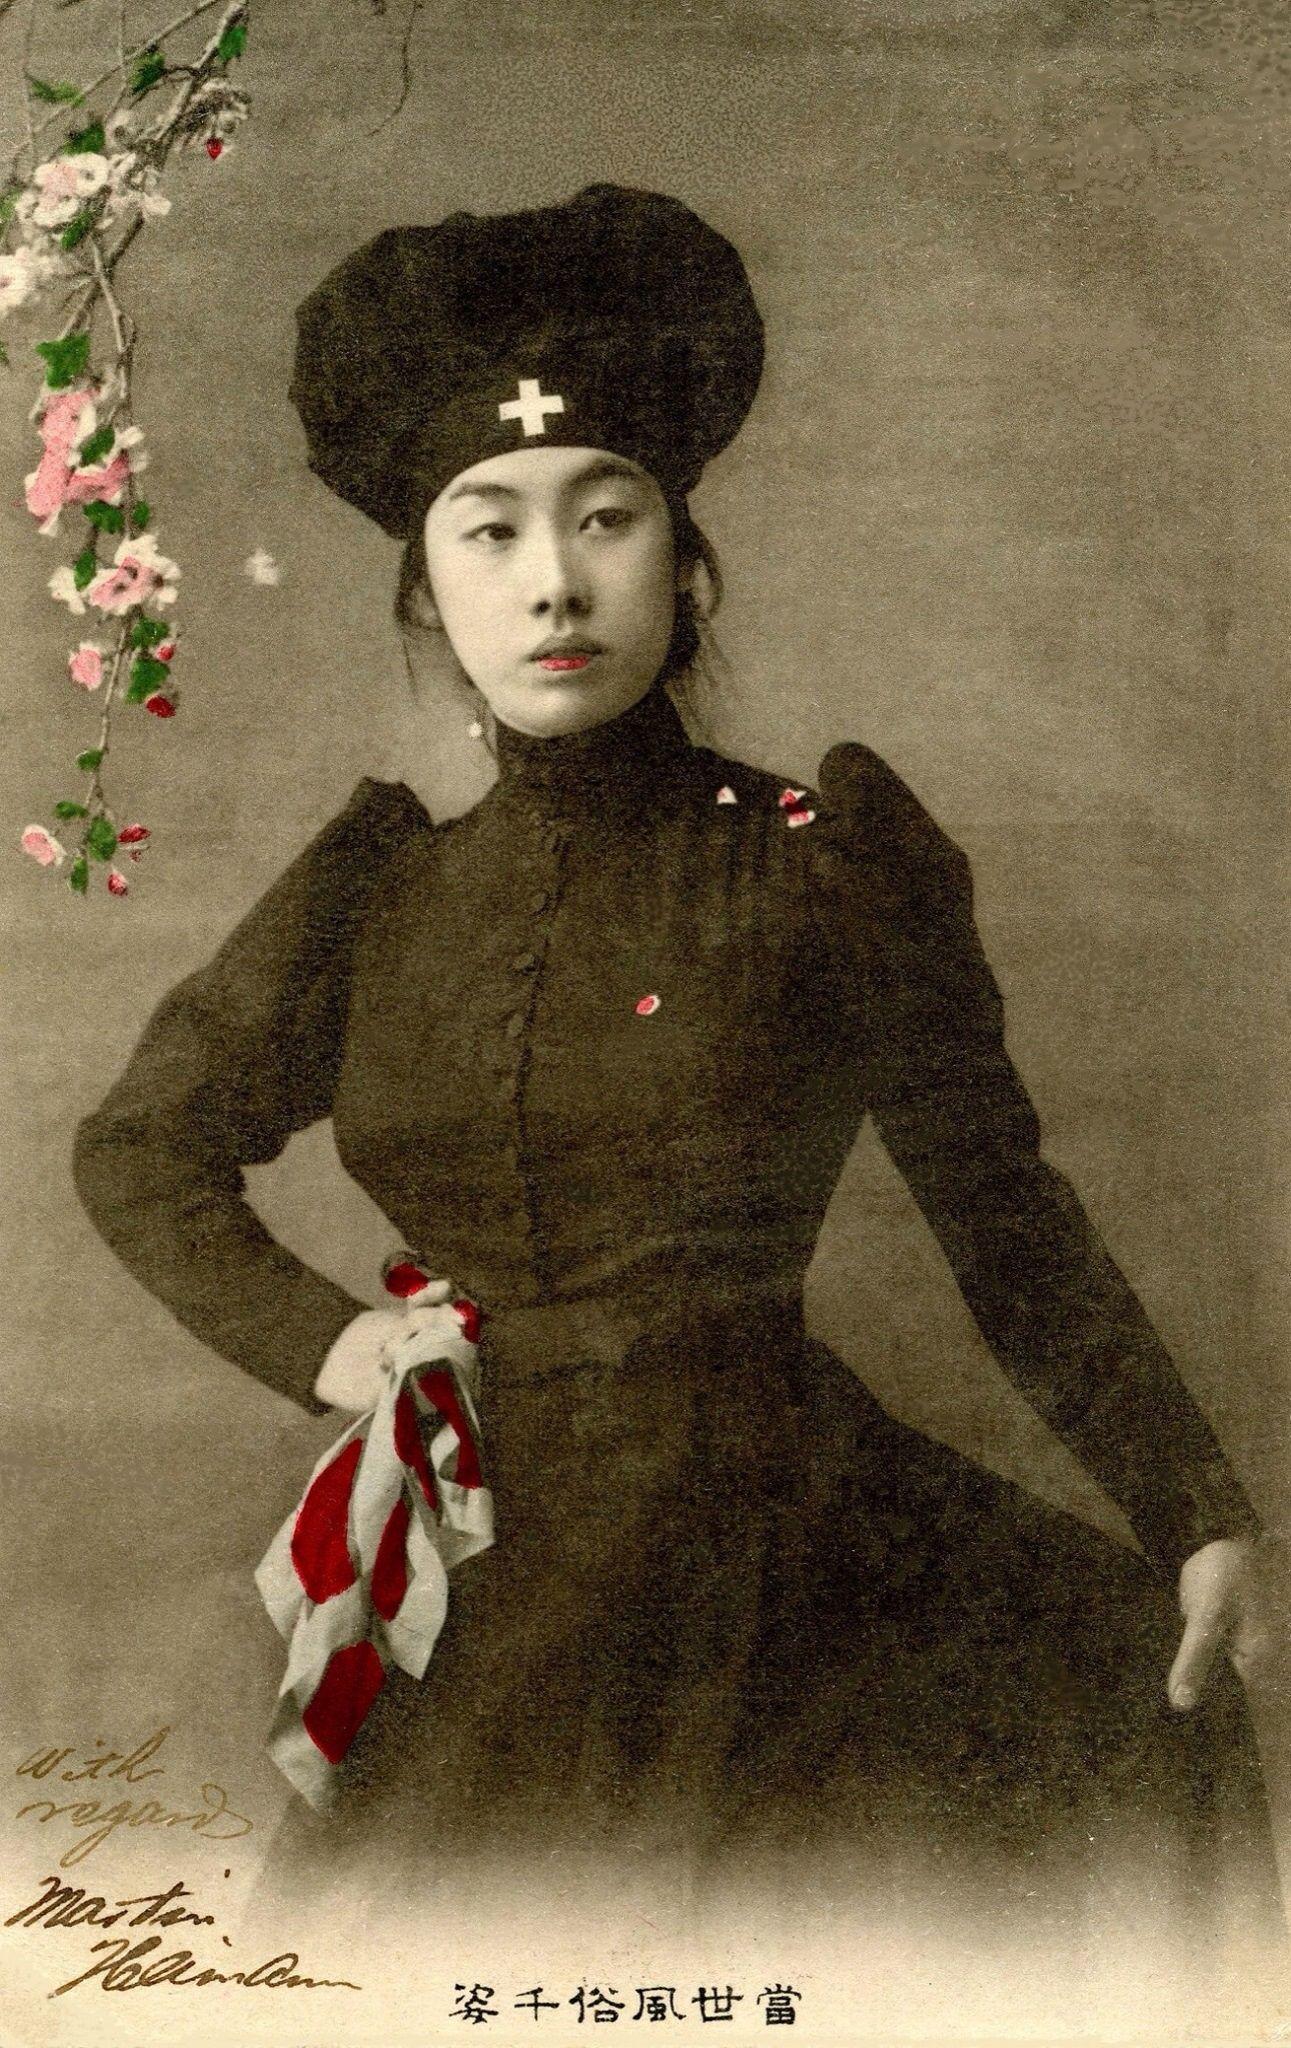 Russo-Japanese War: Red Cross nurses attending war